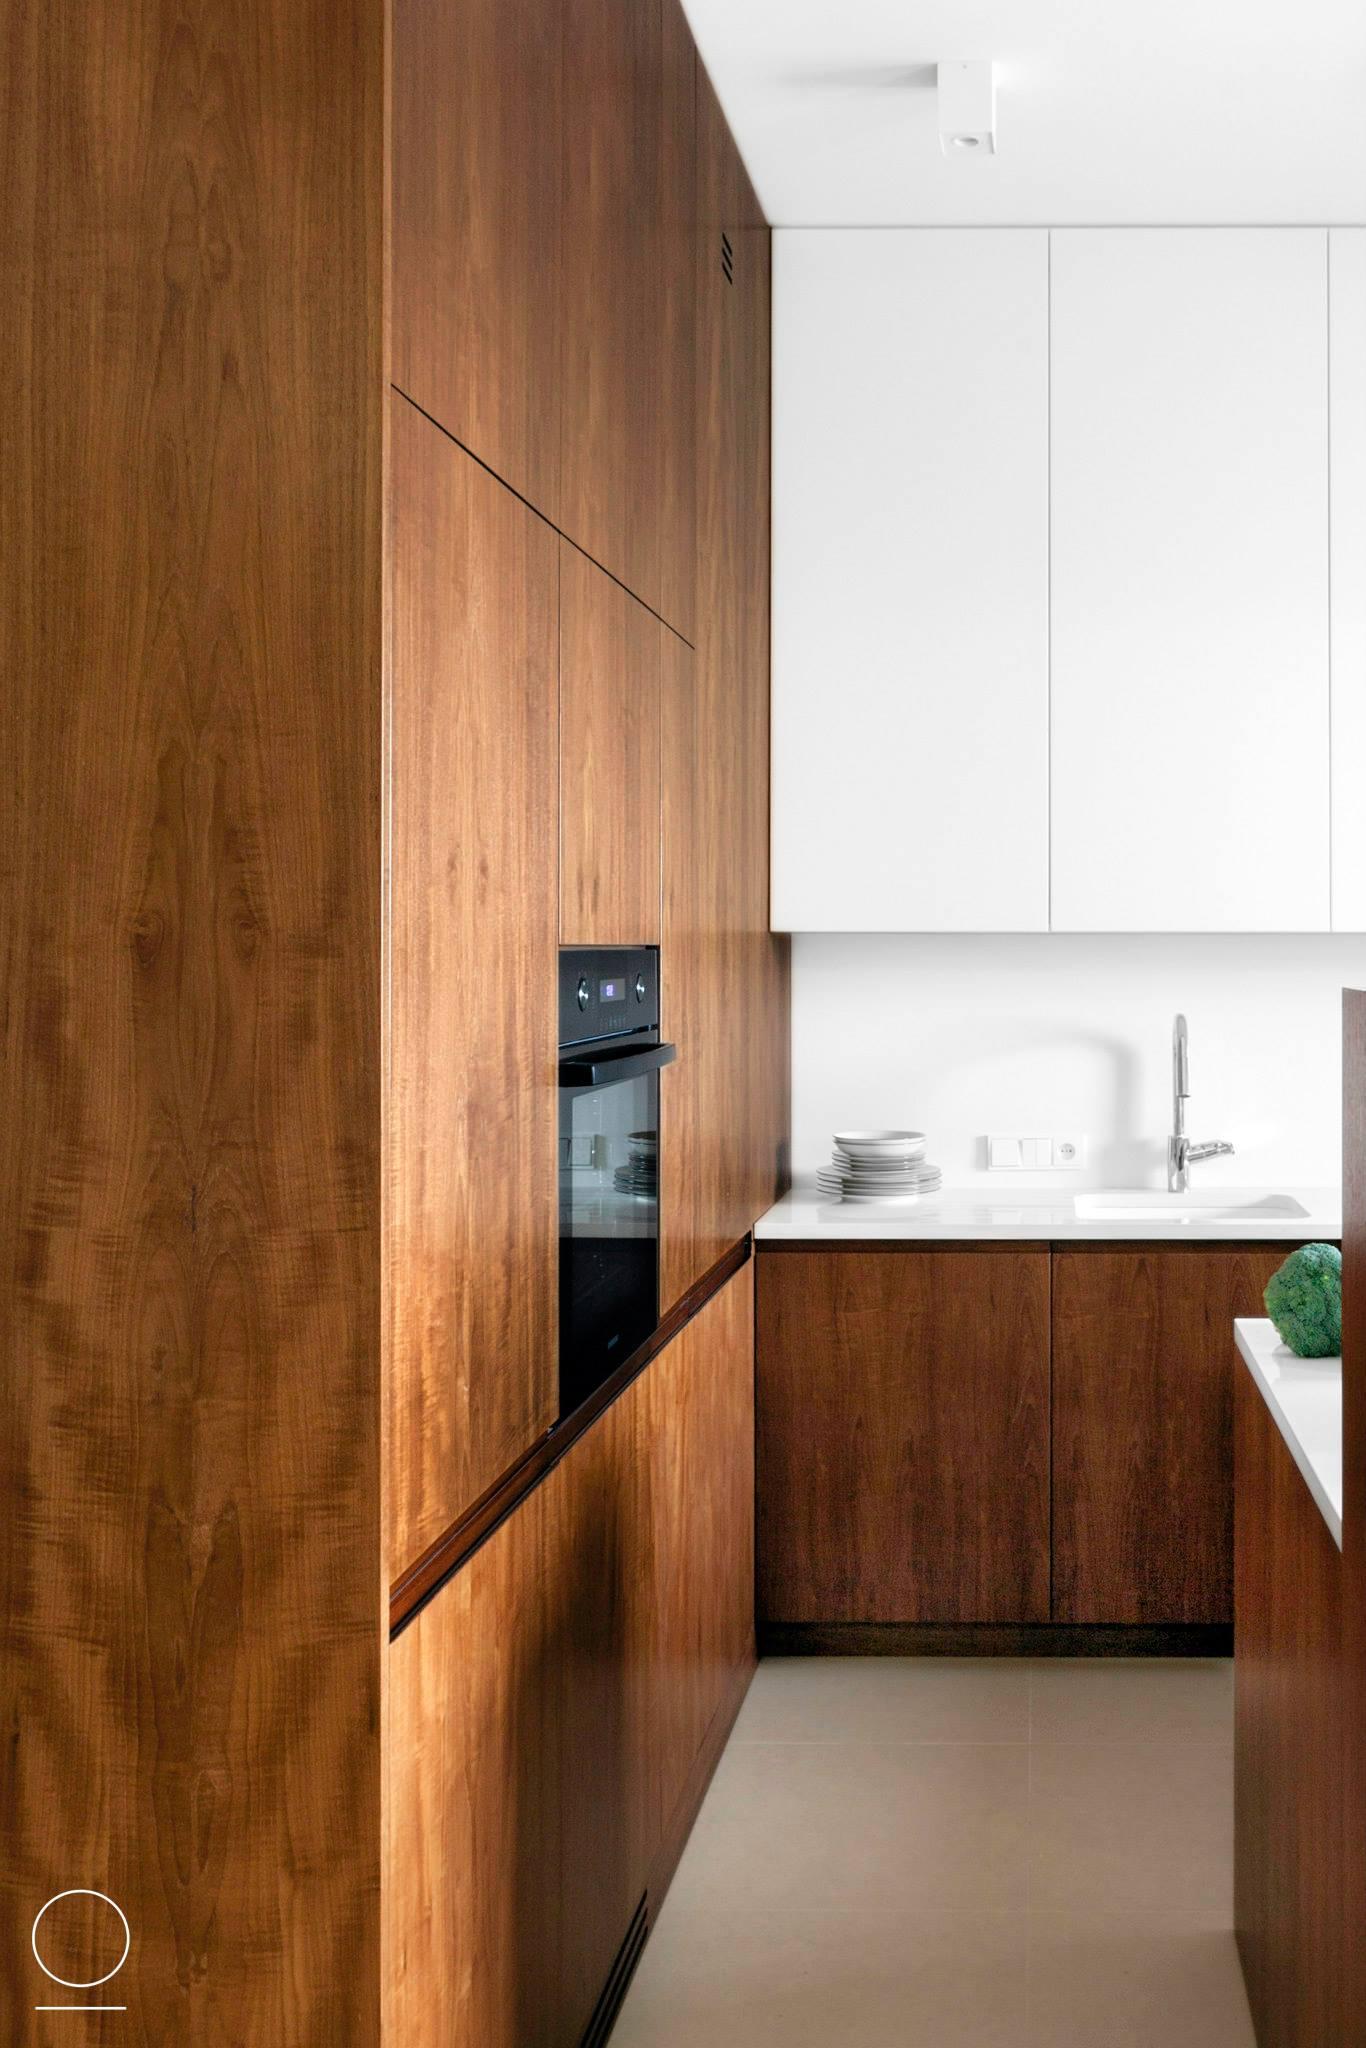 oikoi modern apartment10 Pokorna Apartments by Oikoi Studio